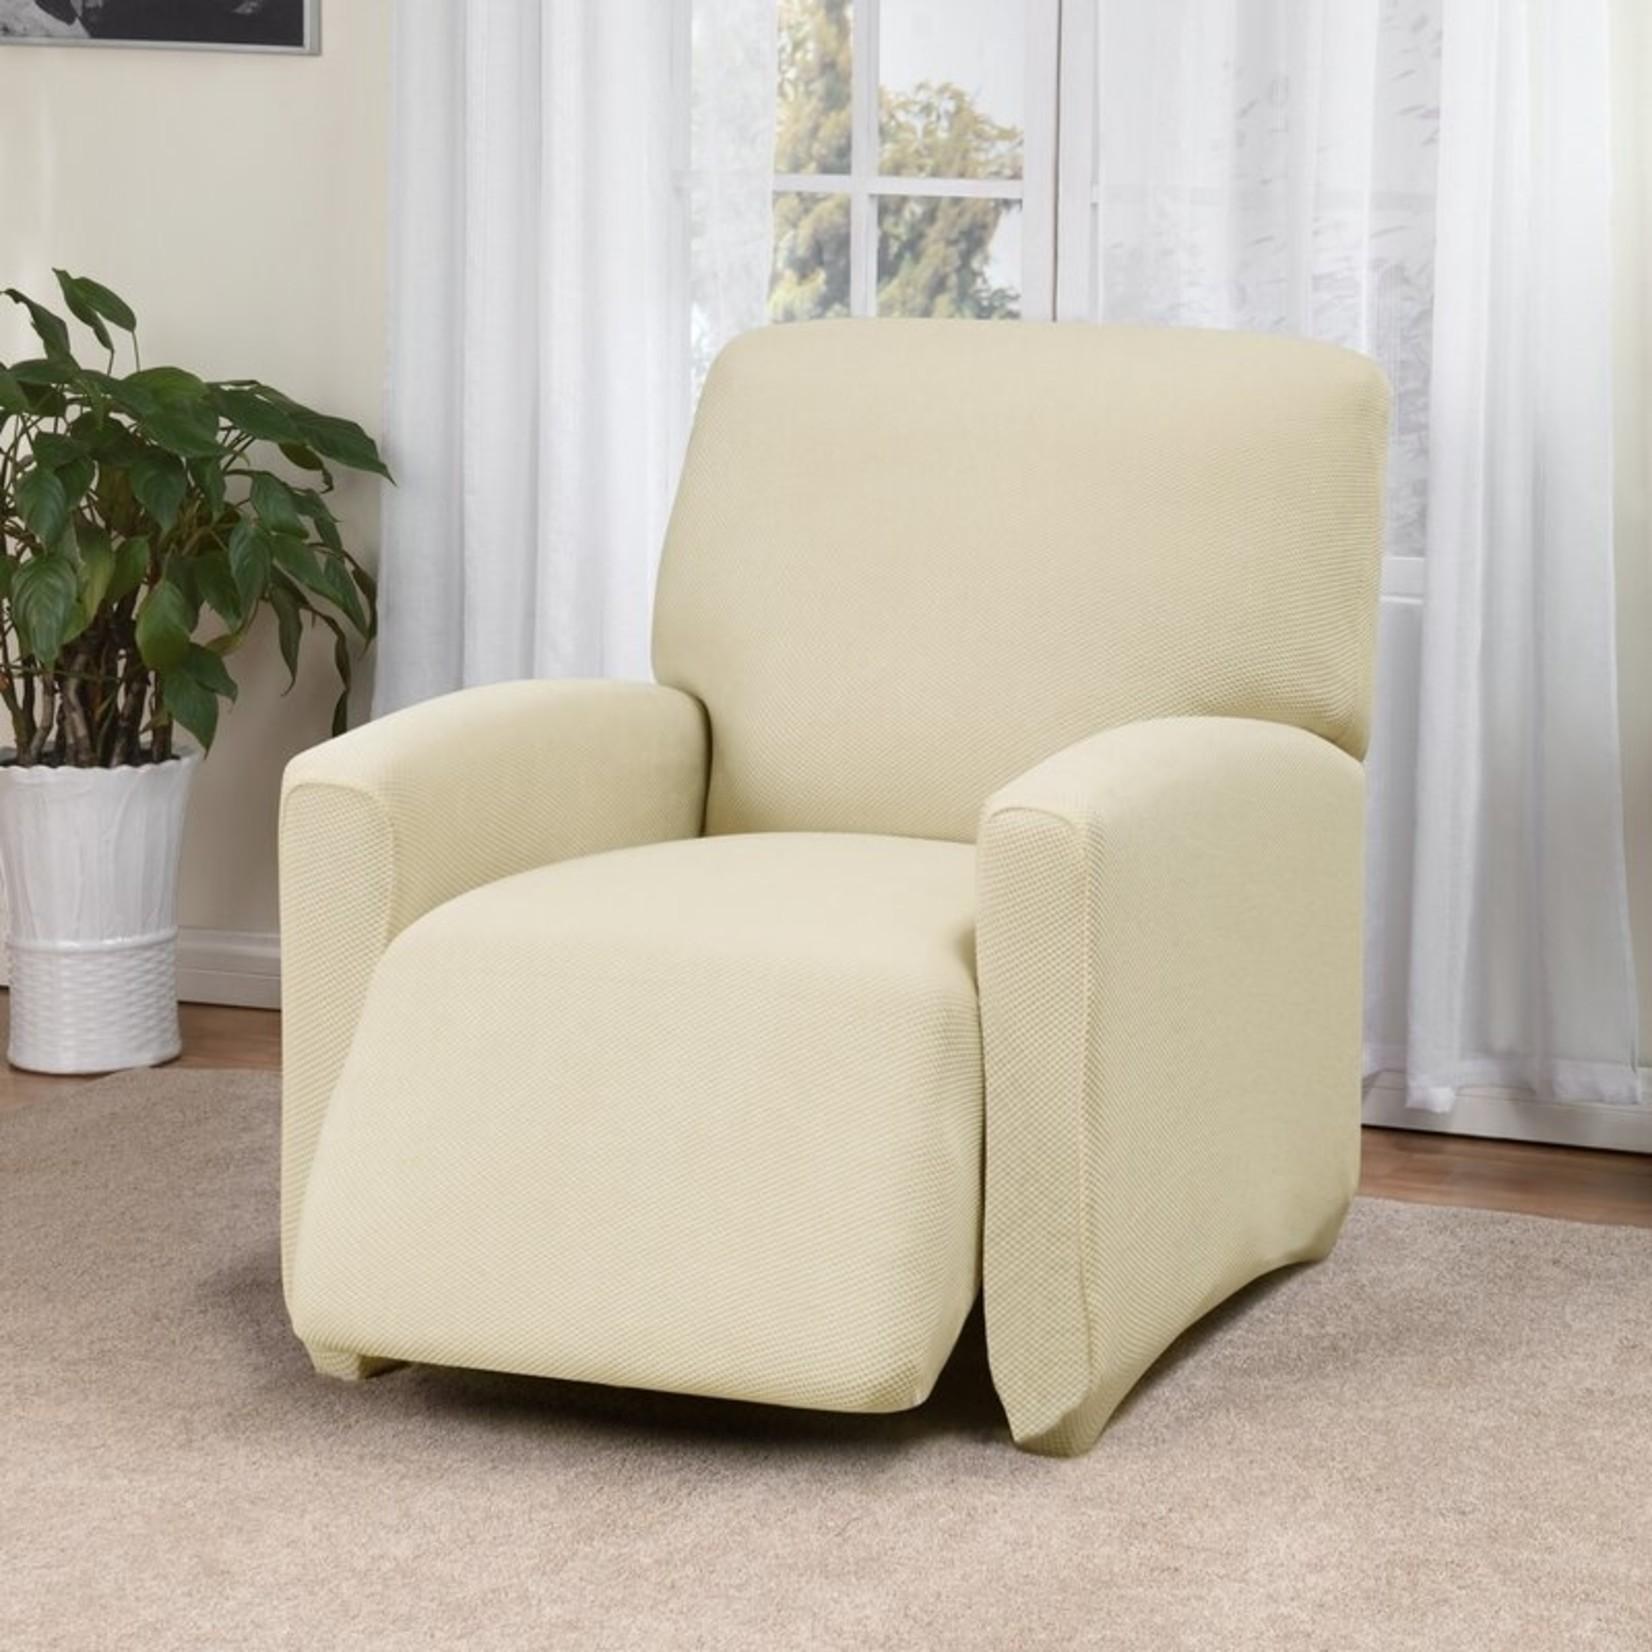 *Day Break Box Cushion Recliner Slipcover - Slipcover only